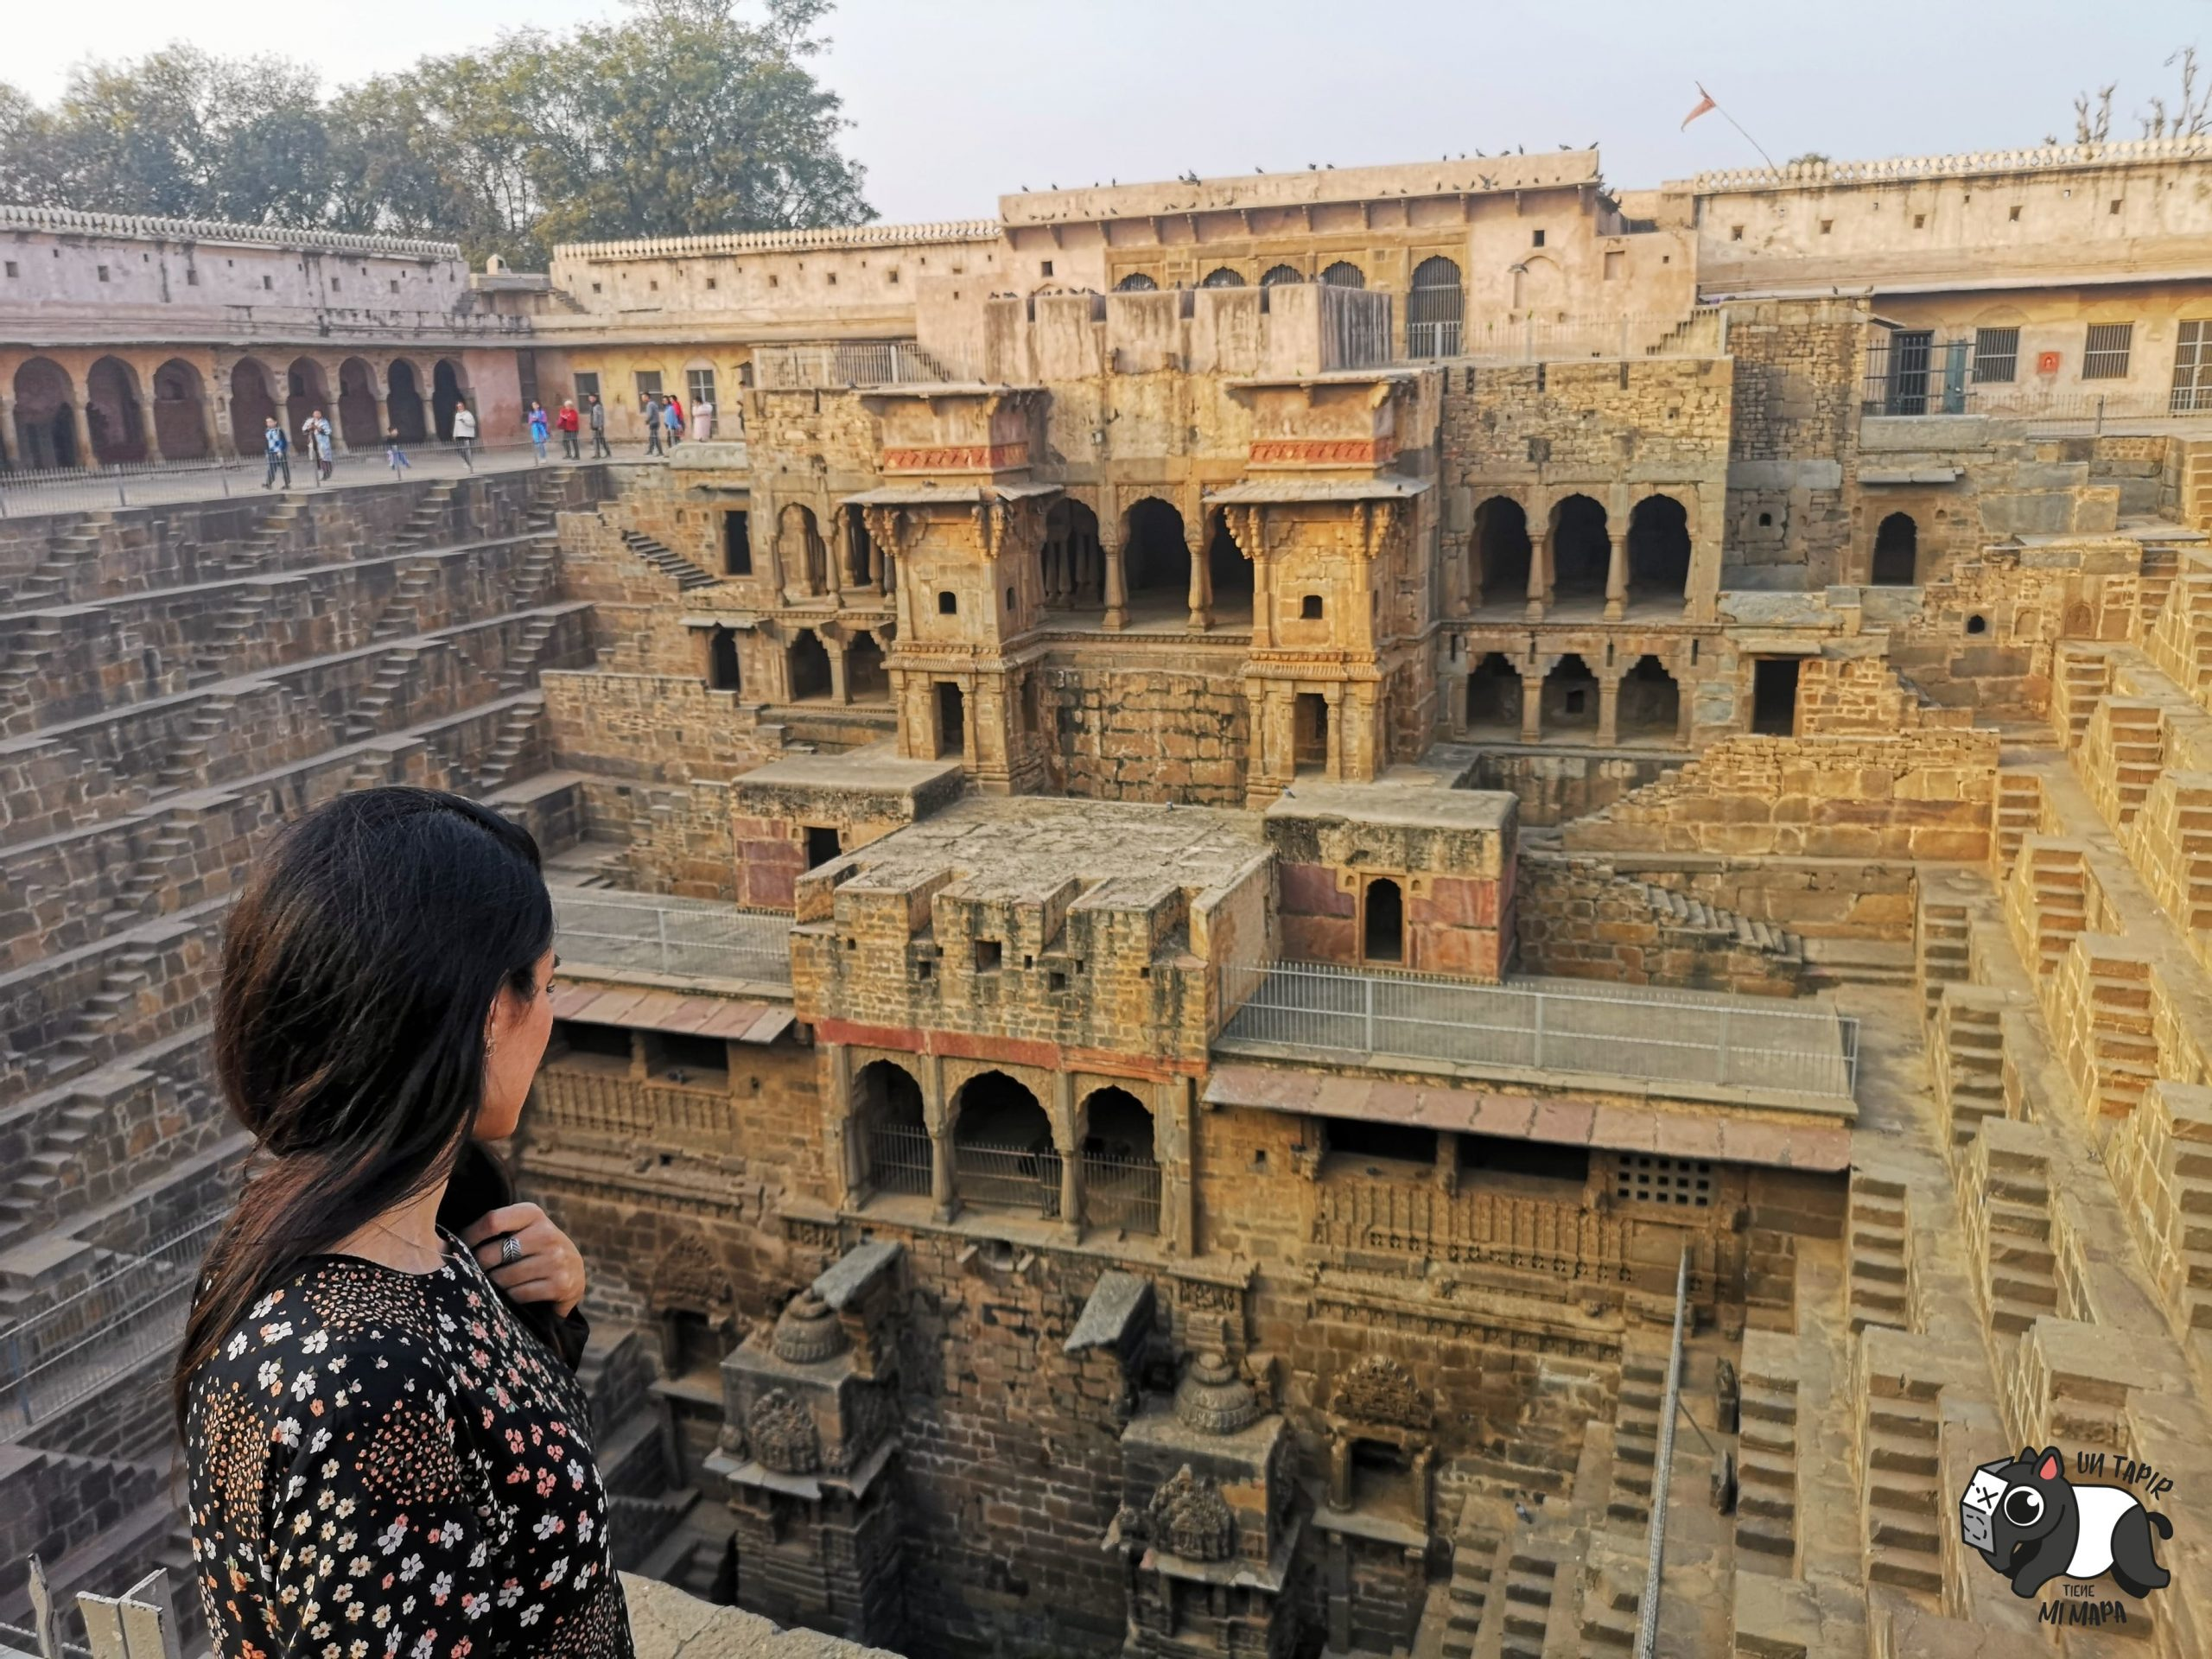 Chand Baori. Aljibe con escalones y templo incrustado en la construcción.